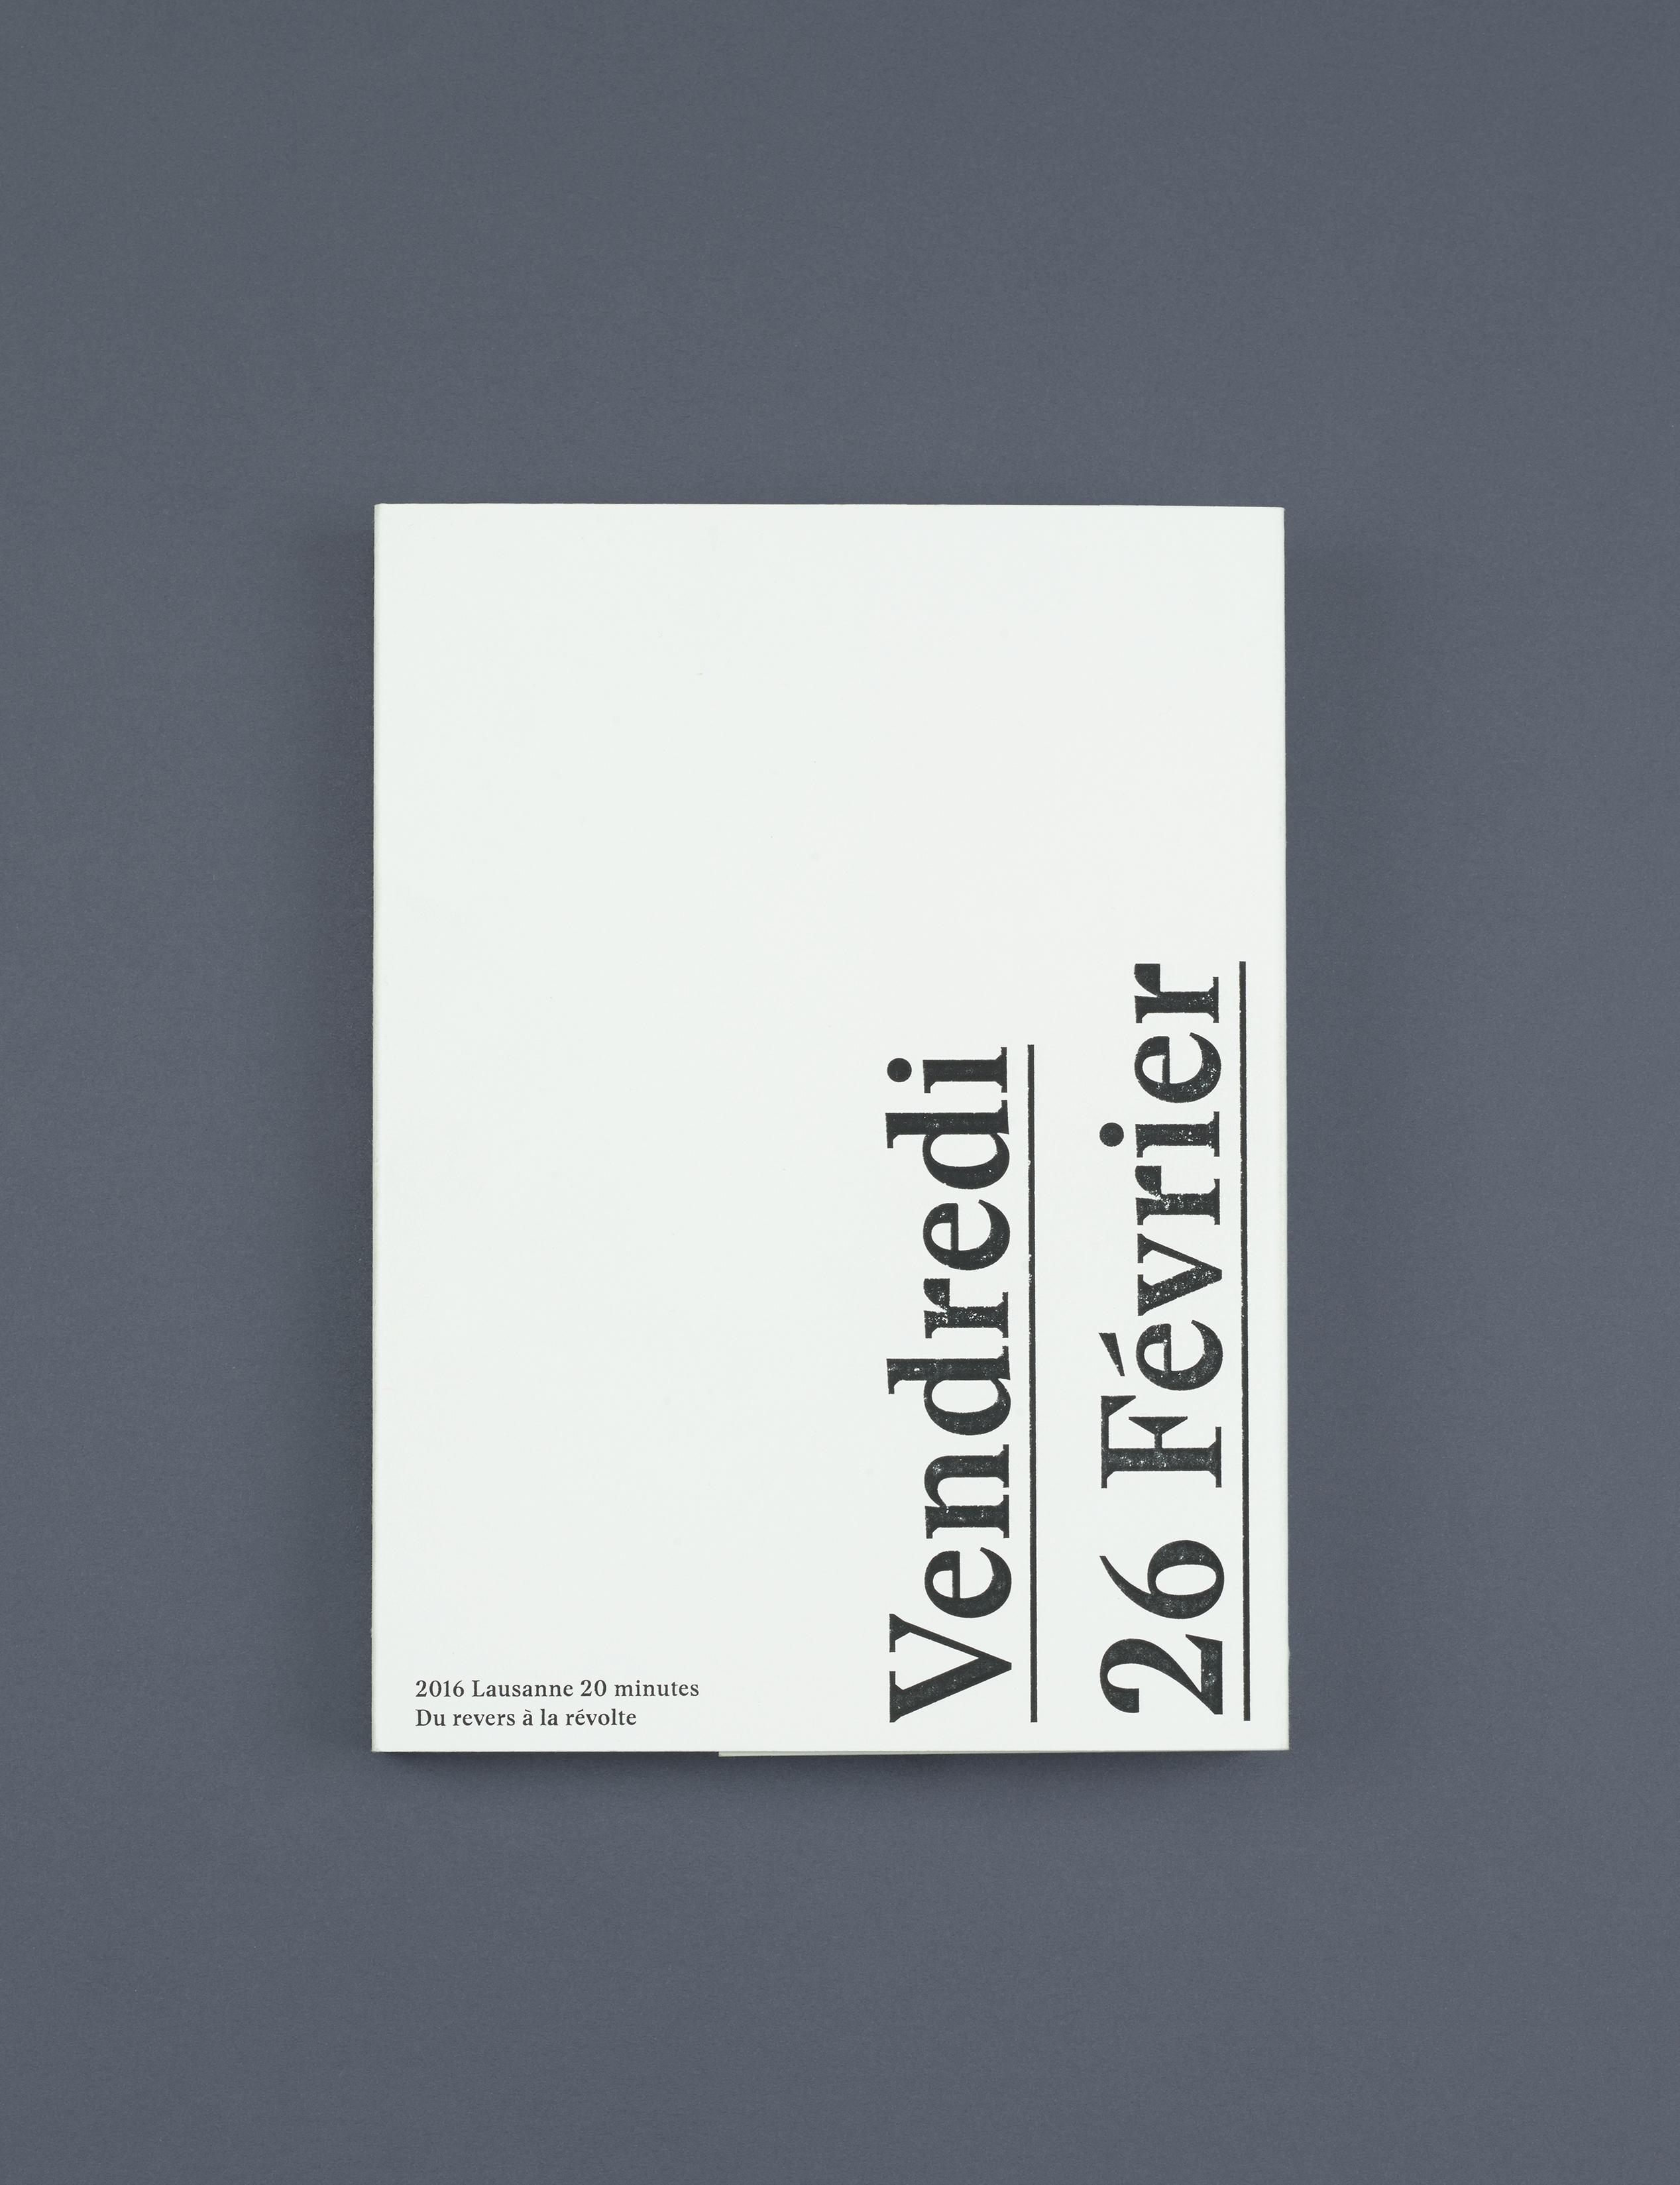 REPRO YOLAN54566